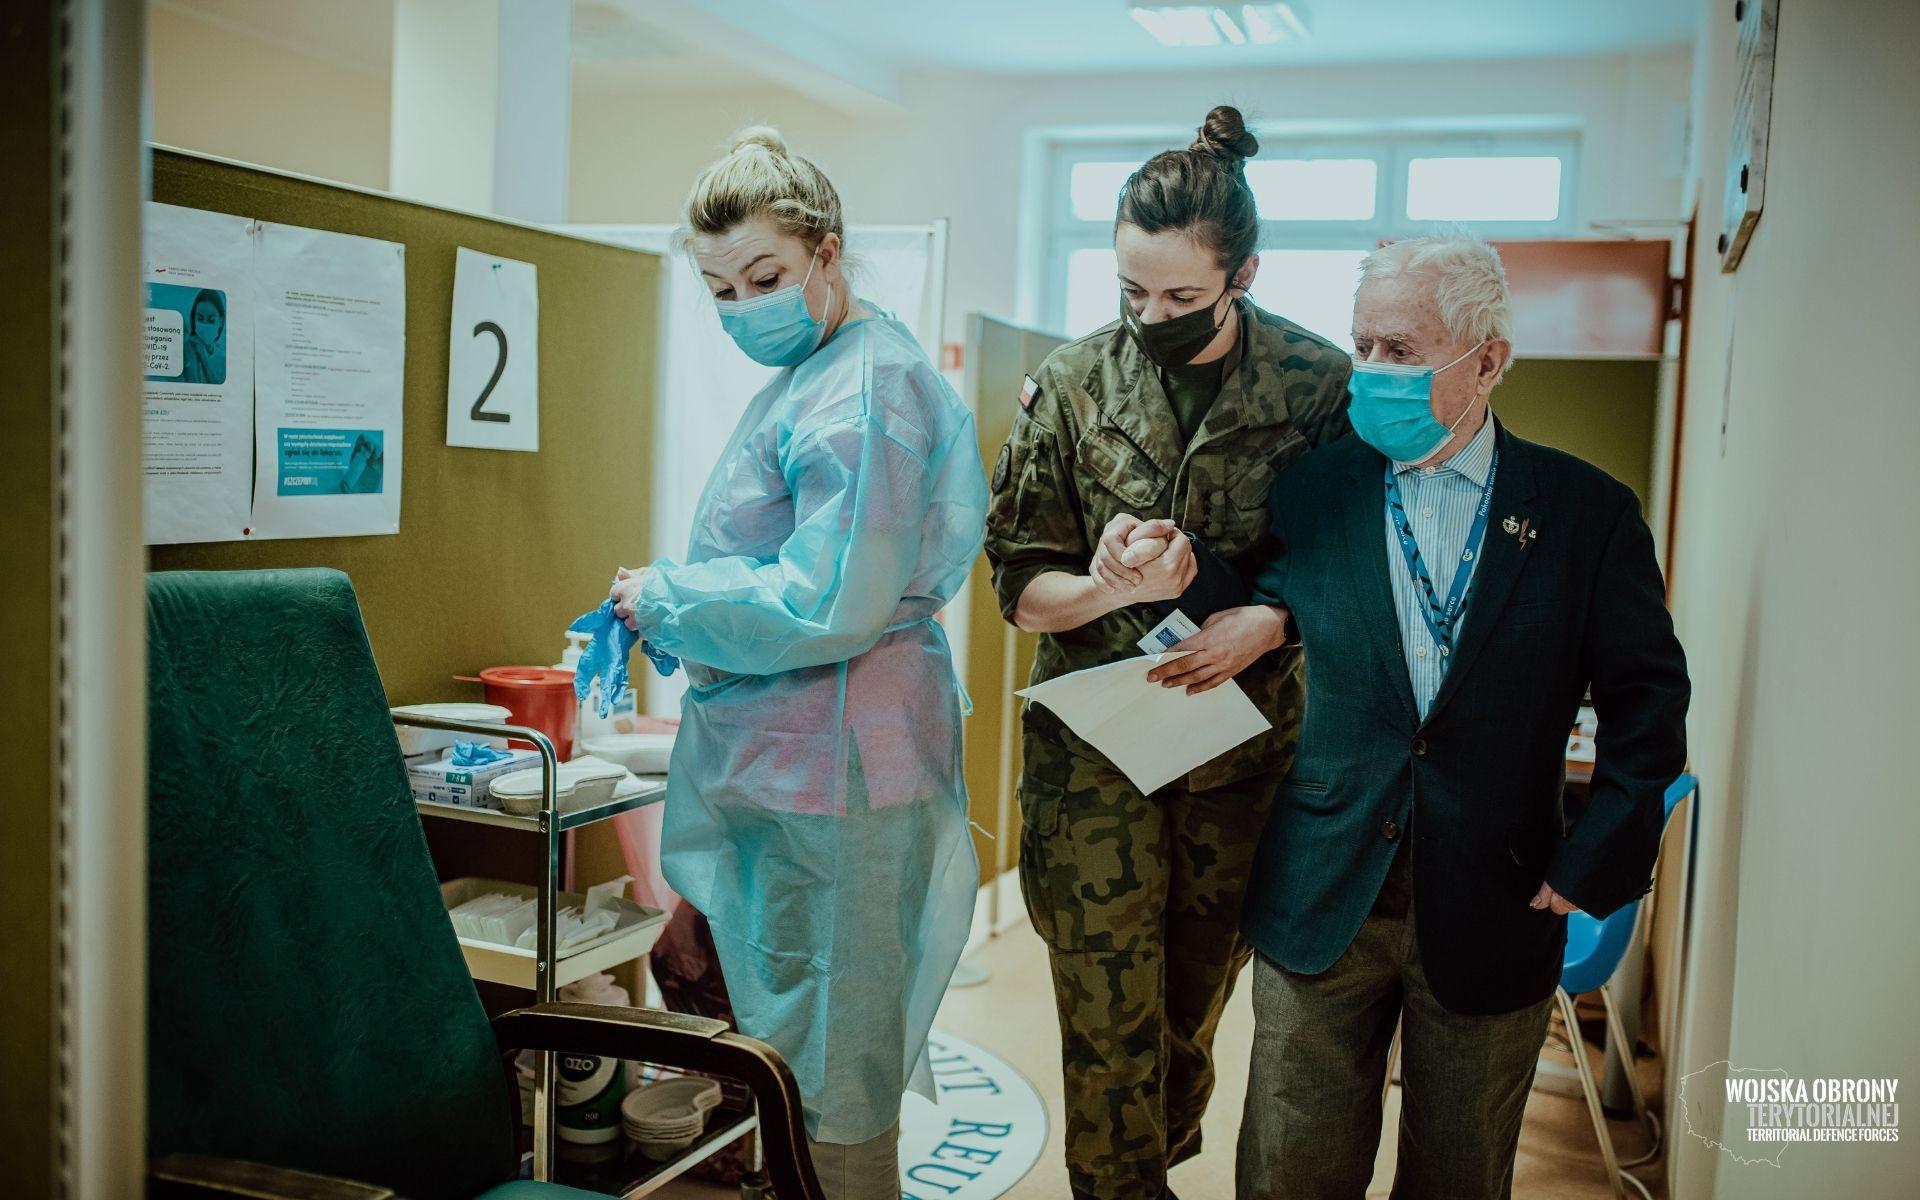 wsparcie seniorow i wprocesie szczepien 20 Terytorialsi pomagają seniorom zaszczepić się